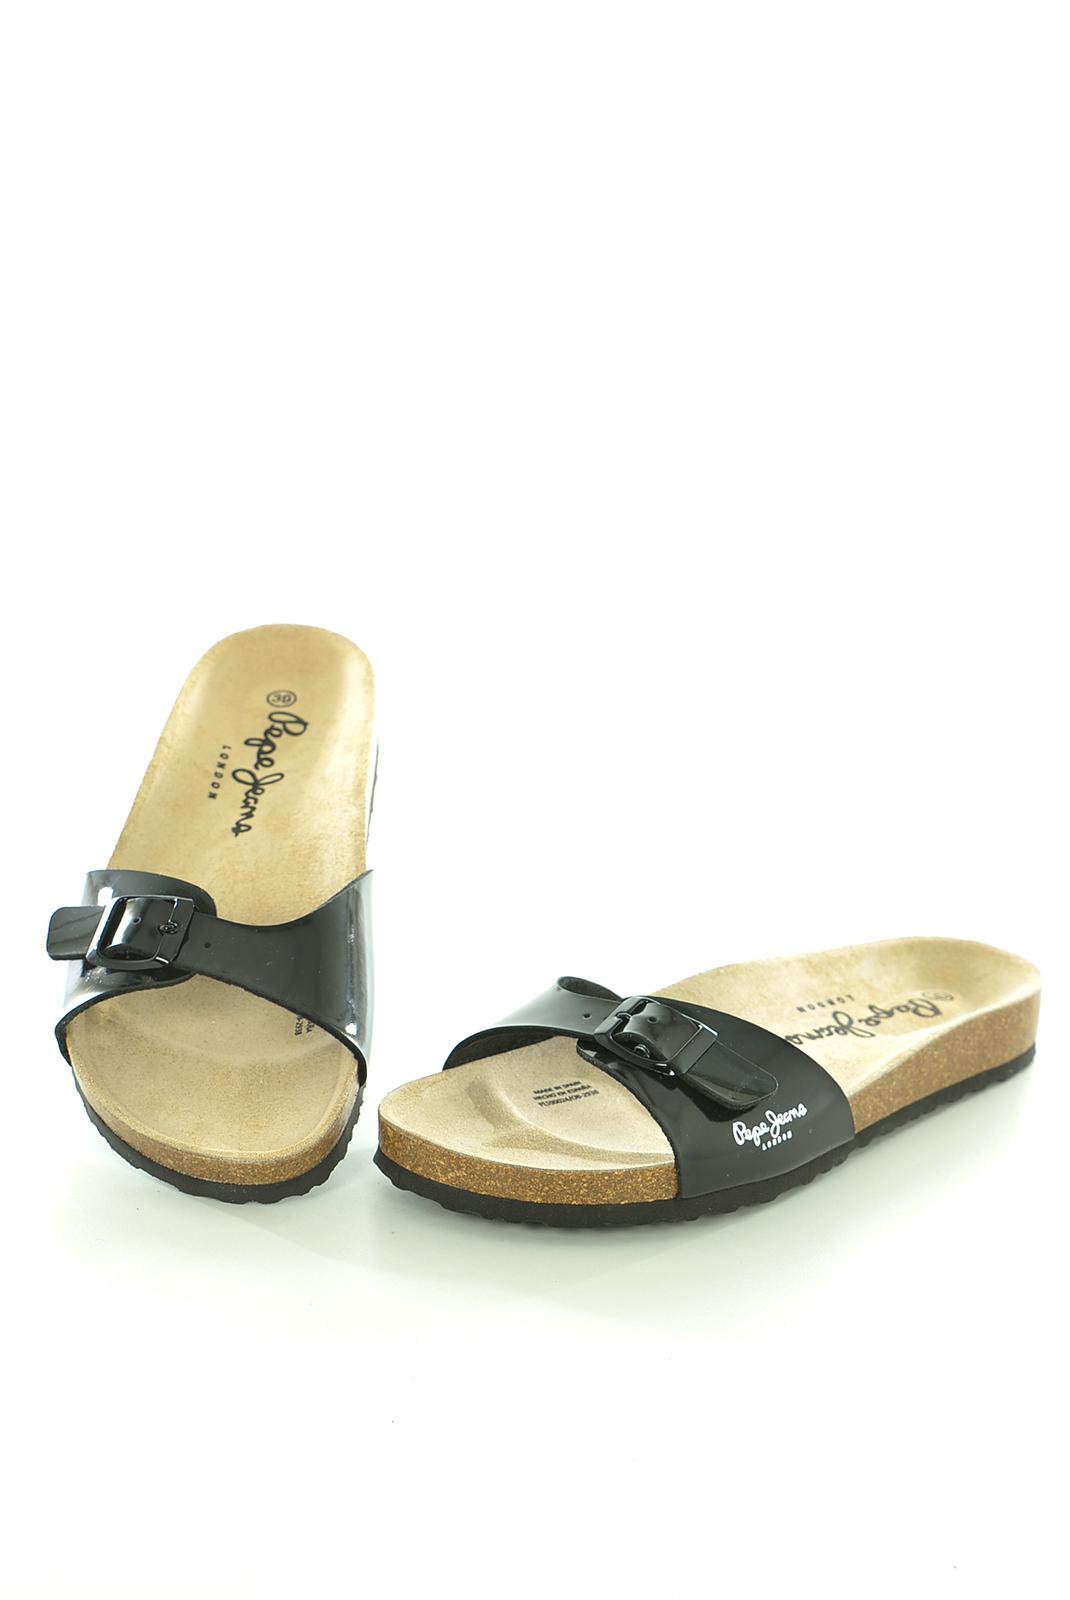 Tongs / Mules  Pepe jeans OBAN PLS90024 999 BLACK